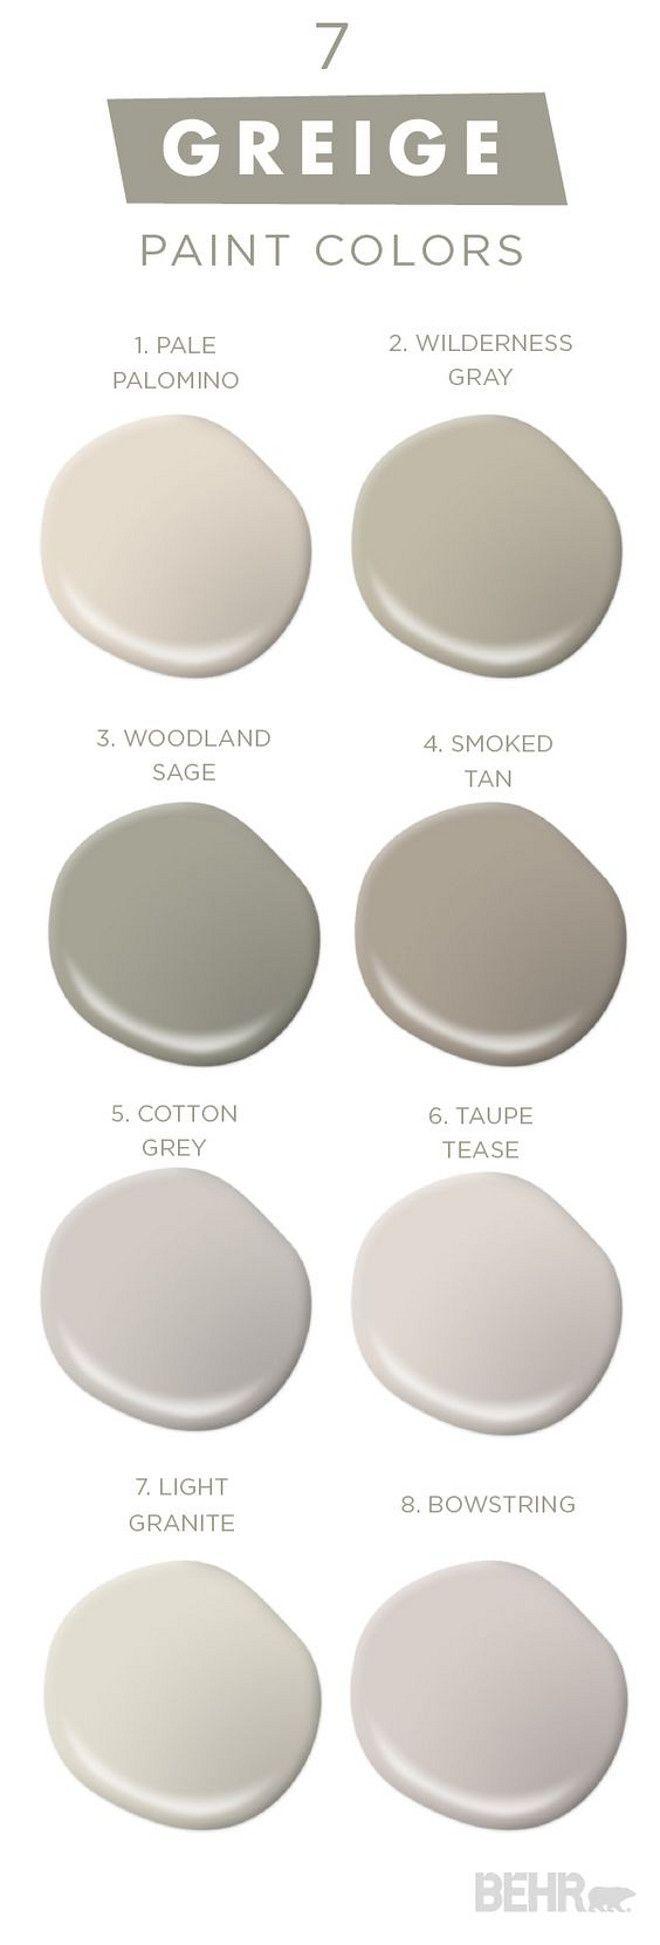 Best Behr Paint Colors 7 greige paint colors. greige best seller paint colorsbehr